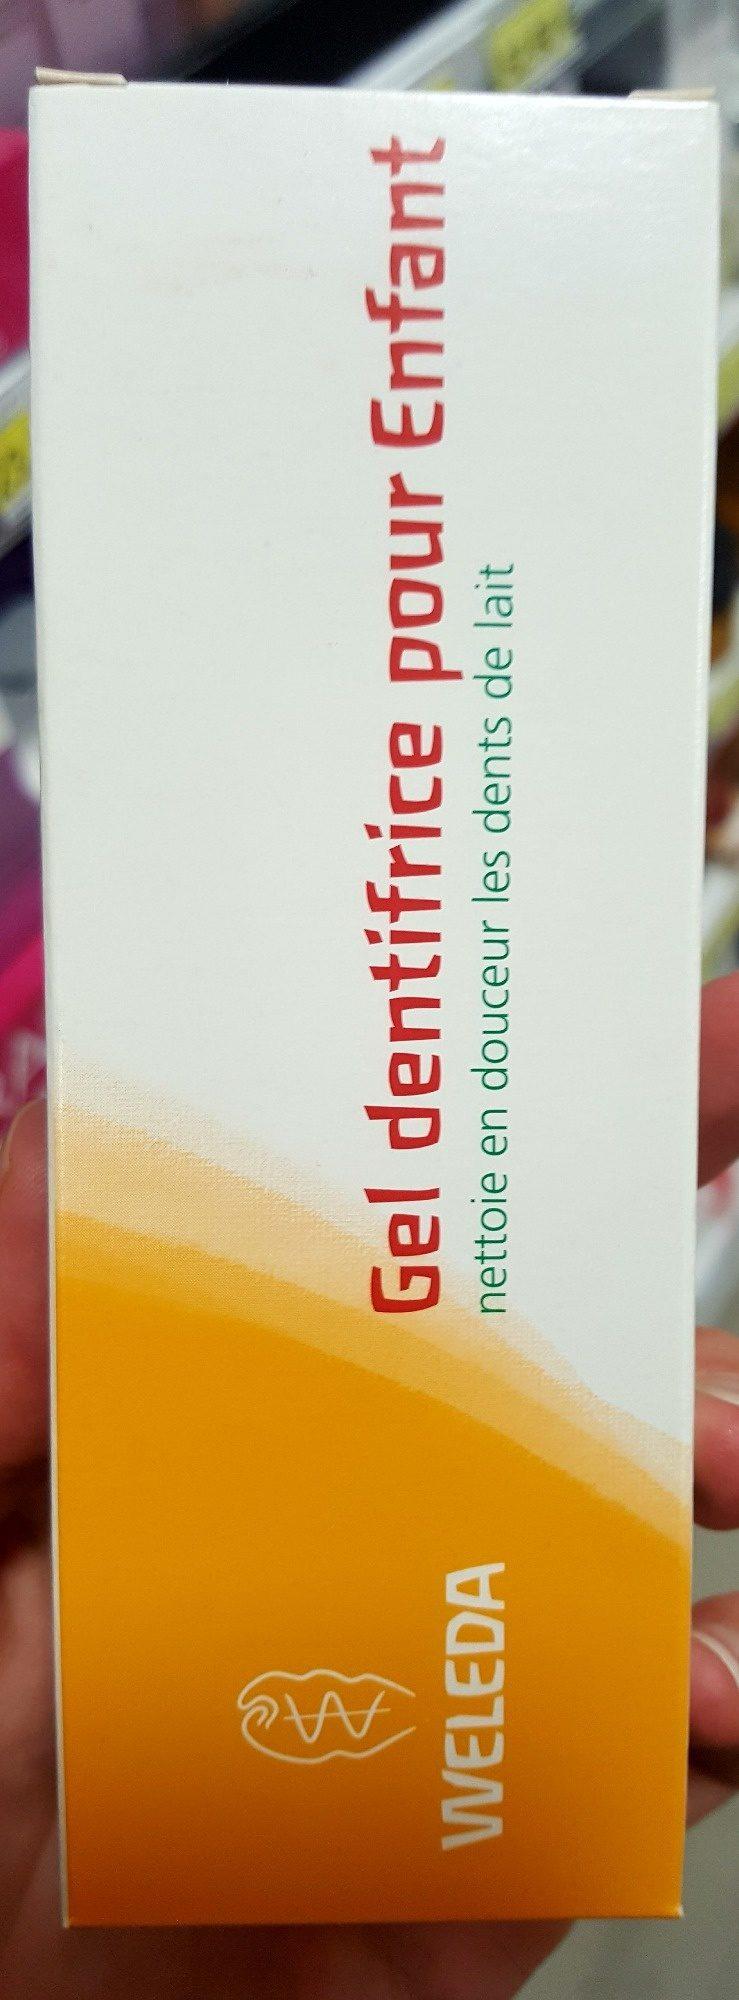 Gel dentifrice pour Enfant - Product